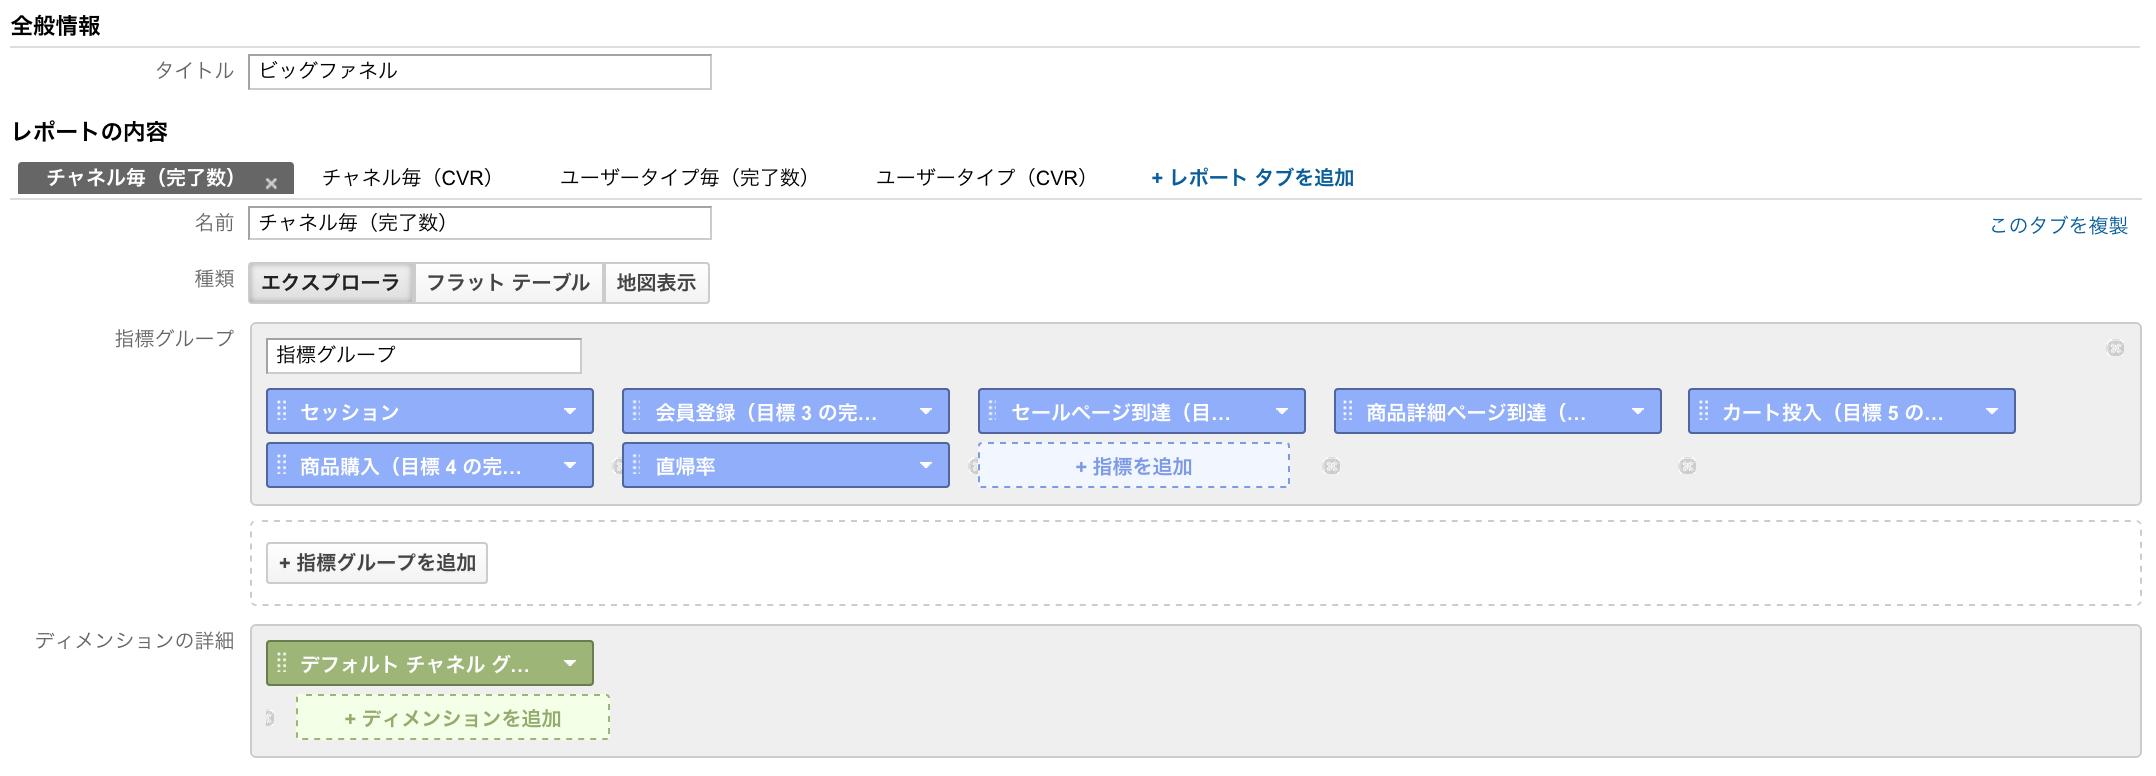 スクリーンショット 2015-07-02 00.59.43.png